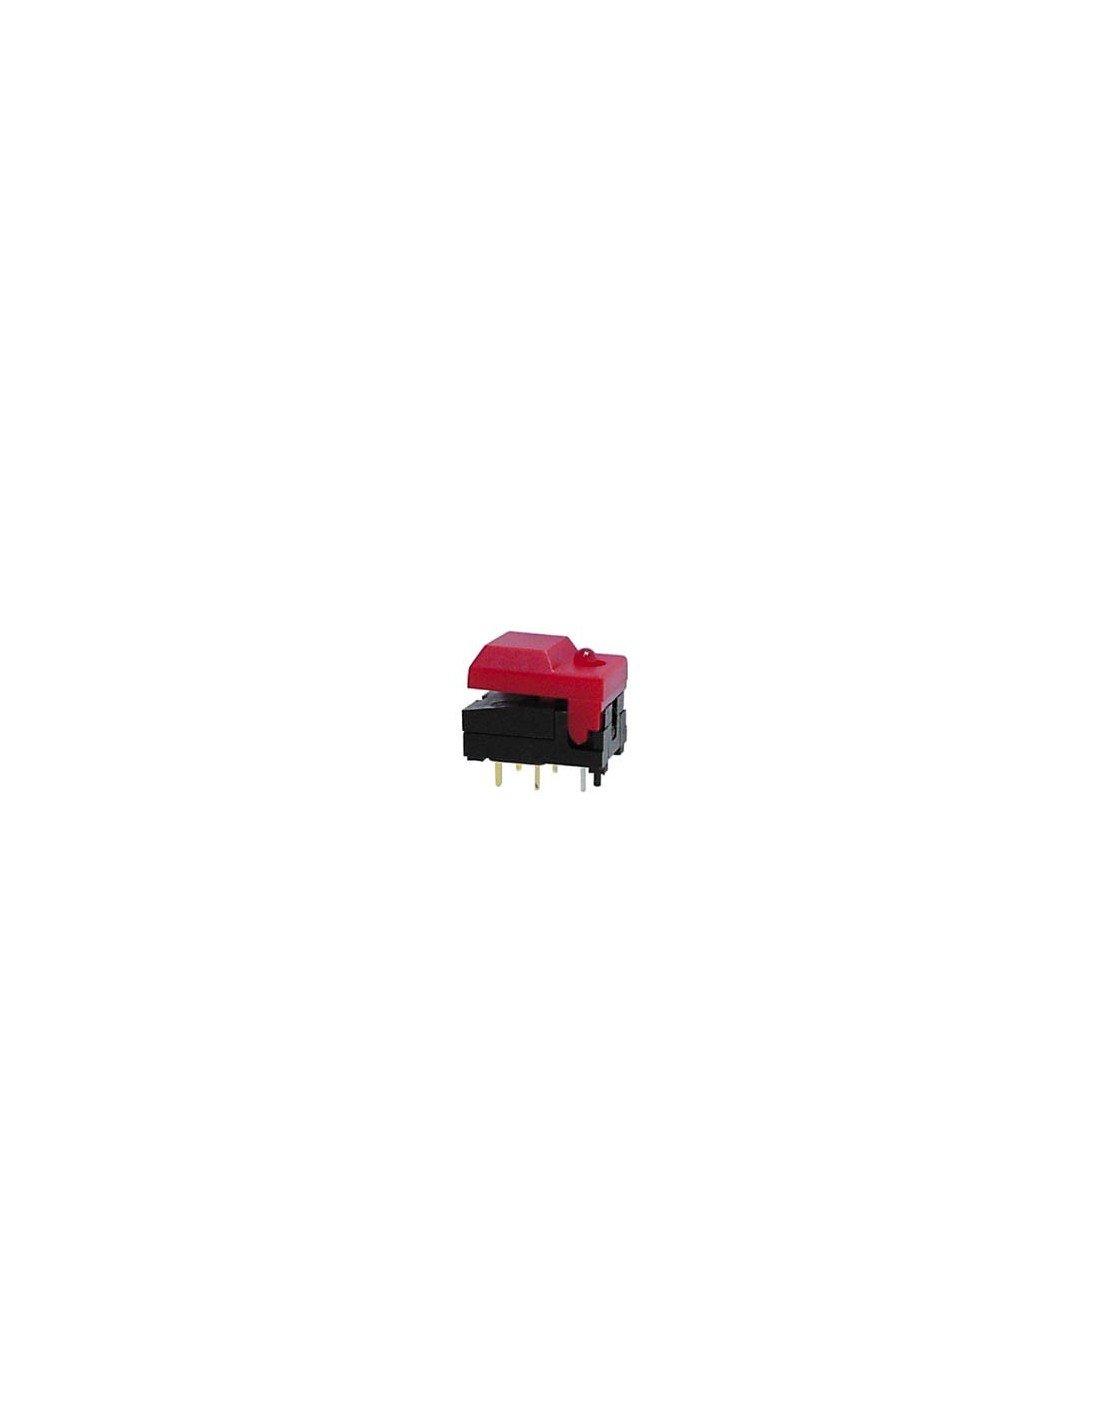 Perel 139771 Dip-Drucktaster, Digitast, rote Kappe